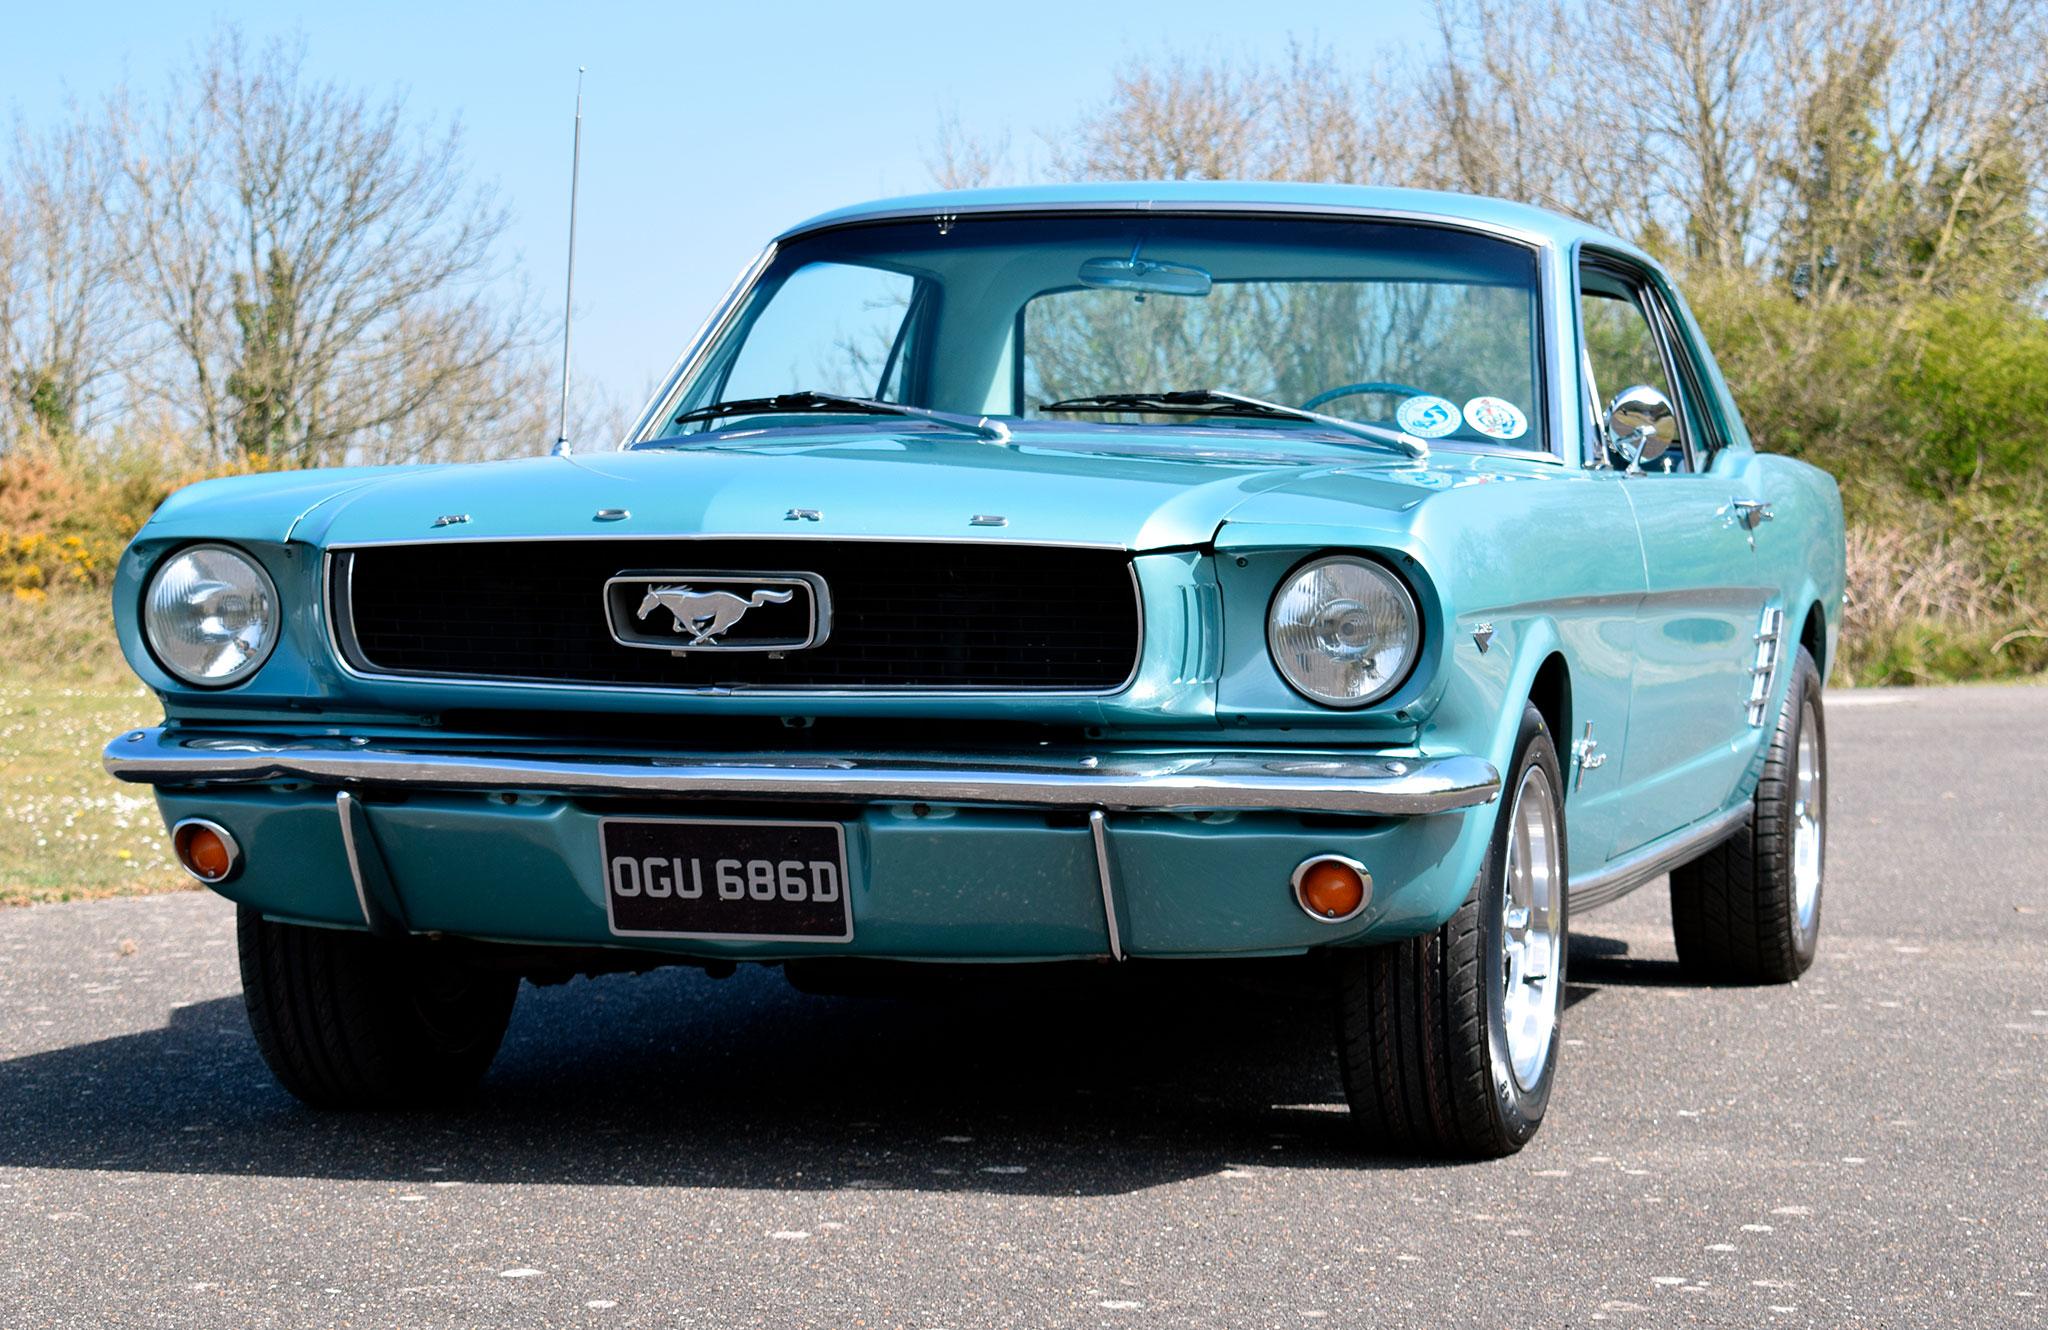 1966 Ford Mustang Coupé - Marché de la Collection.